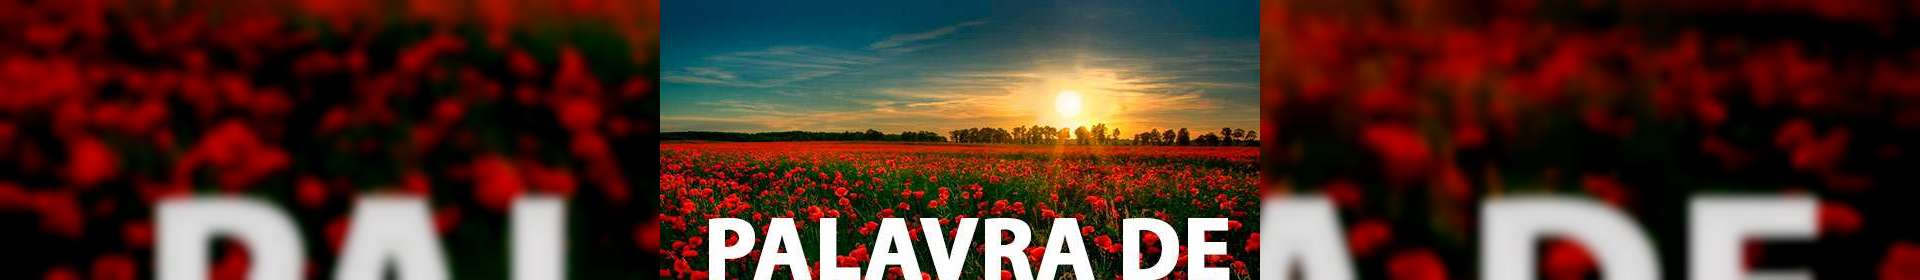 Salmos 89:18 - Uma Palavra de Esperança para sua vida